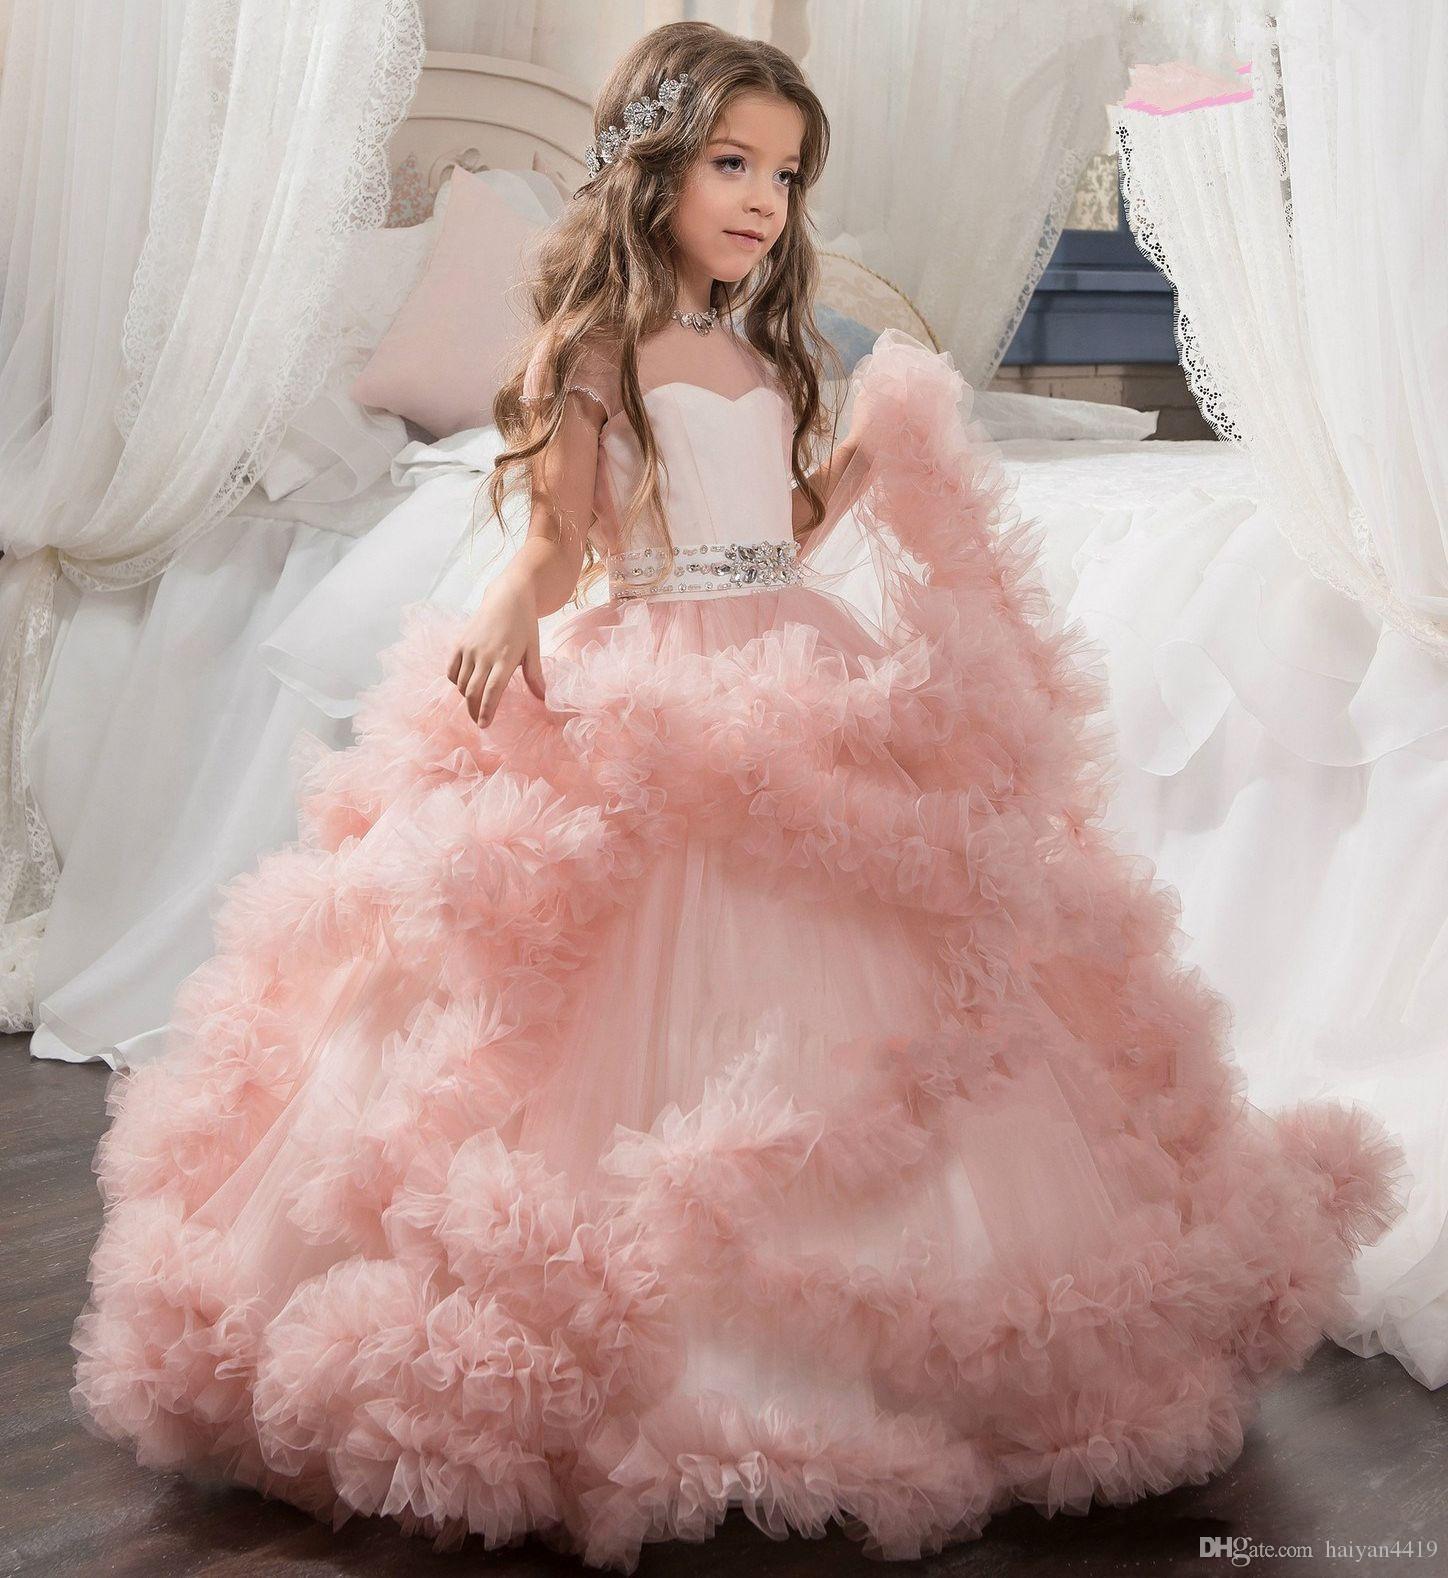 웨딩 블러쉬에 대 한 새로운 저렴 한 꽃 소녀 드레스 핑크 공 가운 모자 슬리브 Tulle 프릴 계층화 된 파란색 된 어린이 키즈 파티 성 찬 식 가운